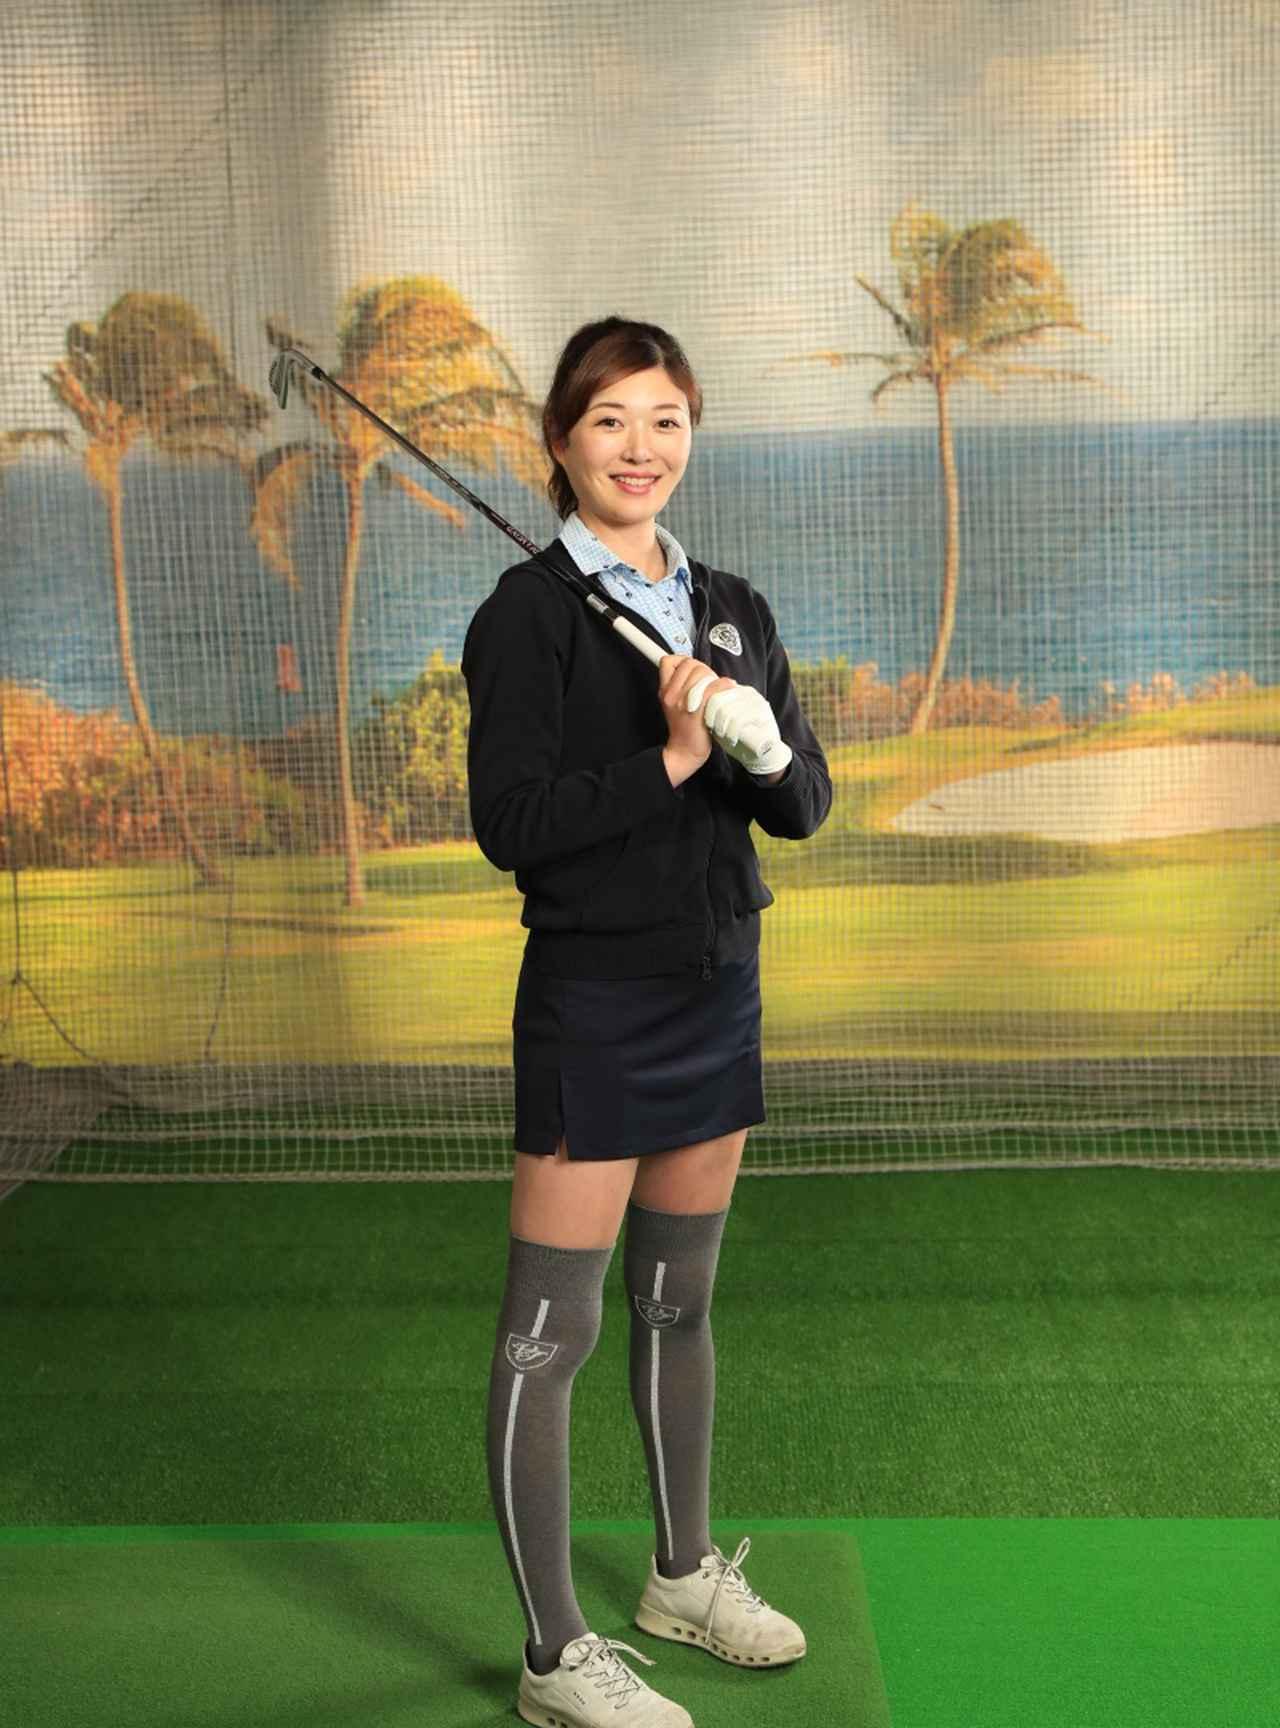 画像: 木村紗奈 ゴルル会員番号56番。東北福祉大ゴルフ部出身。2020ビューティクイーン。「ゴルフサバイバル」や「白金台女子ゴルフ部」などにも出演。